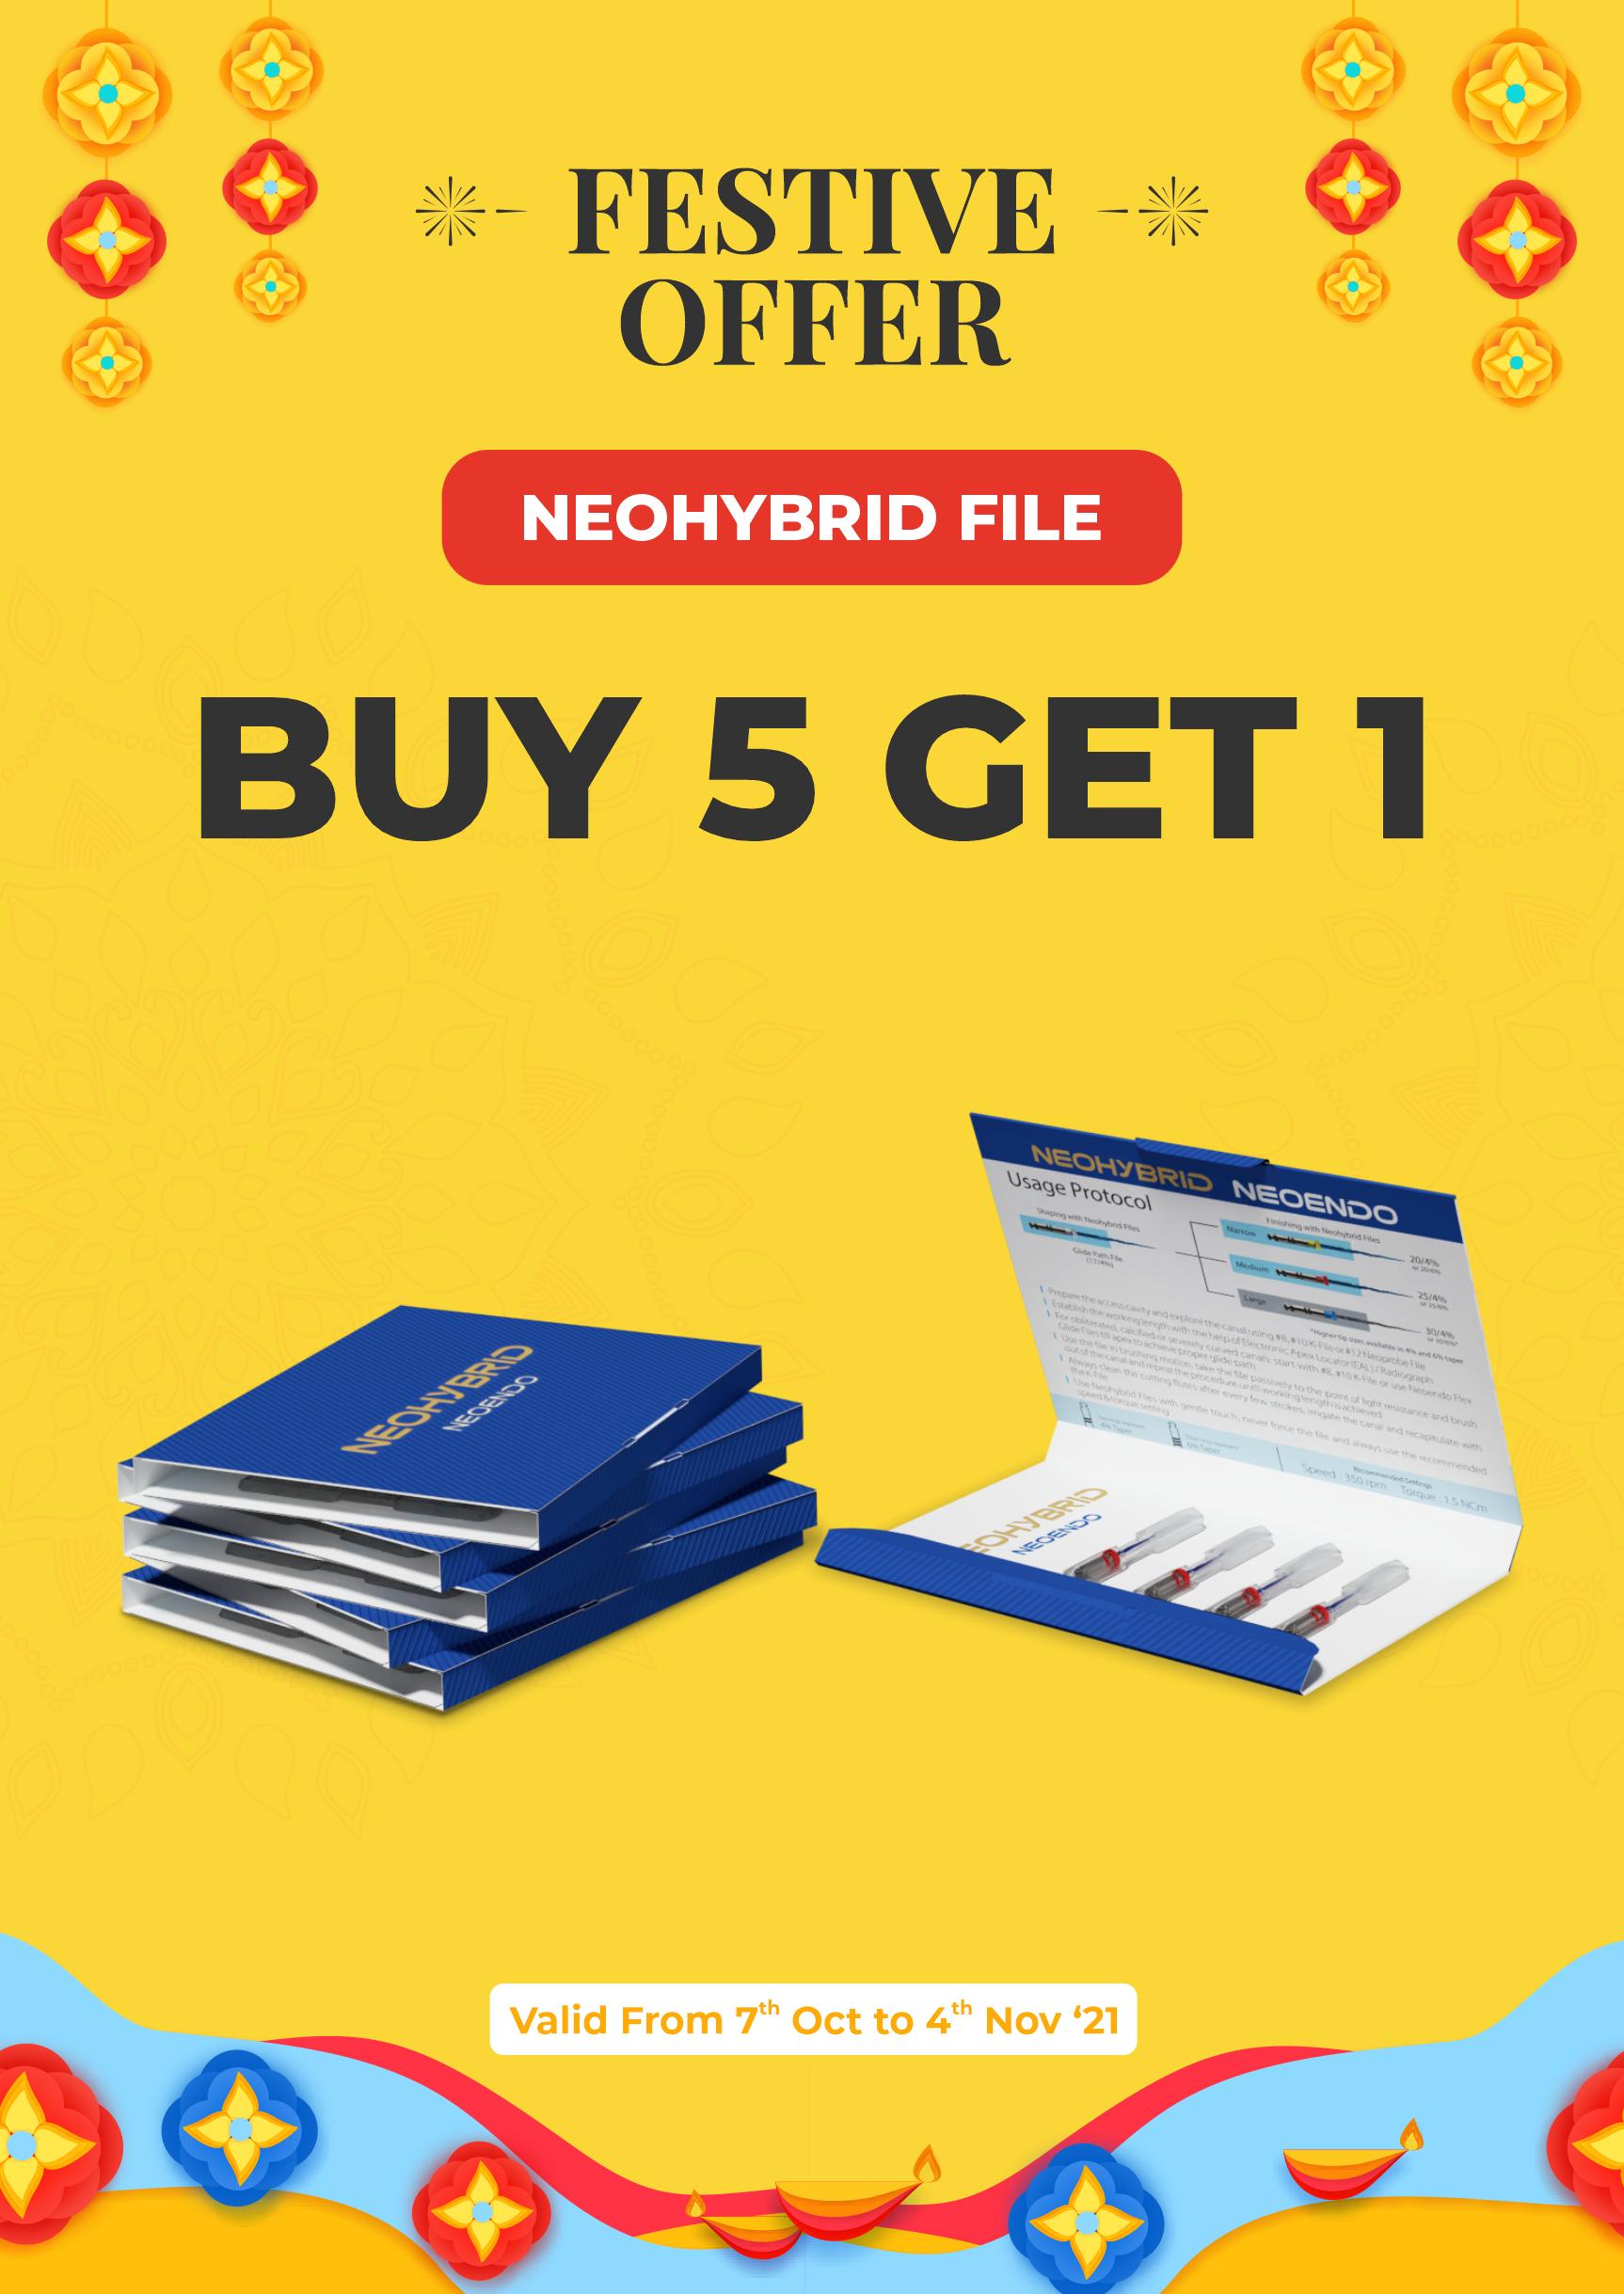 Neohybrid File | Festive Offer | Orikam